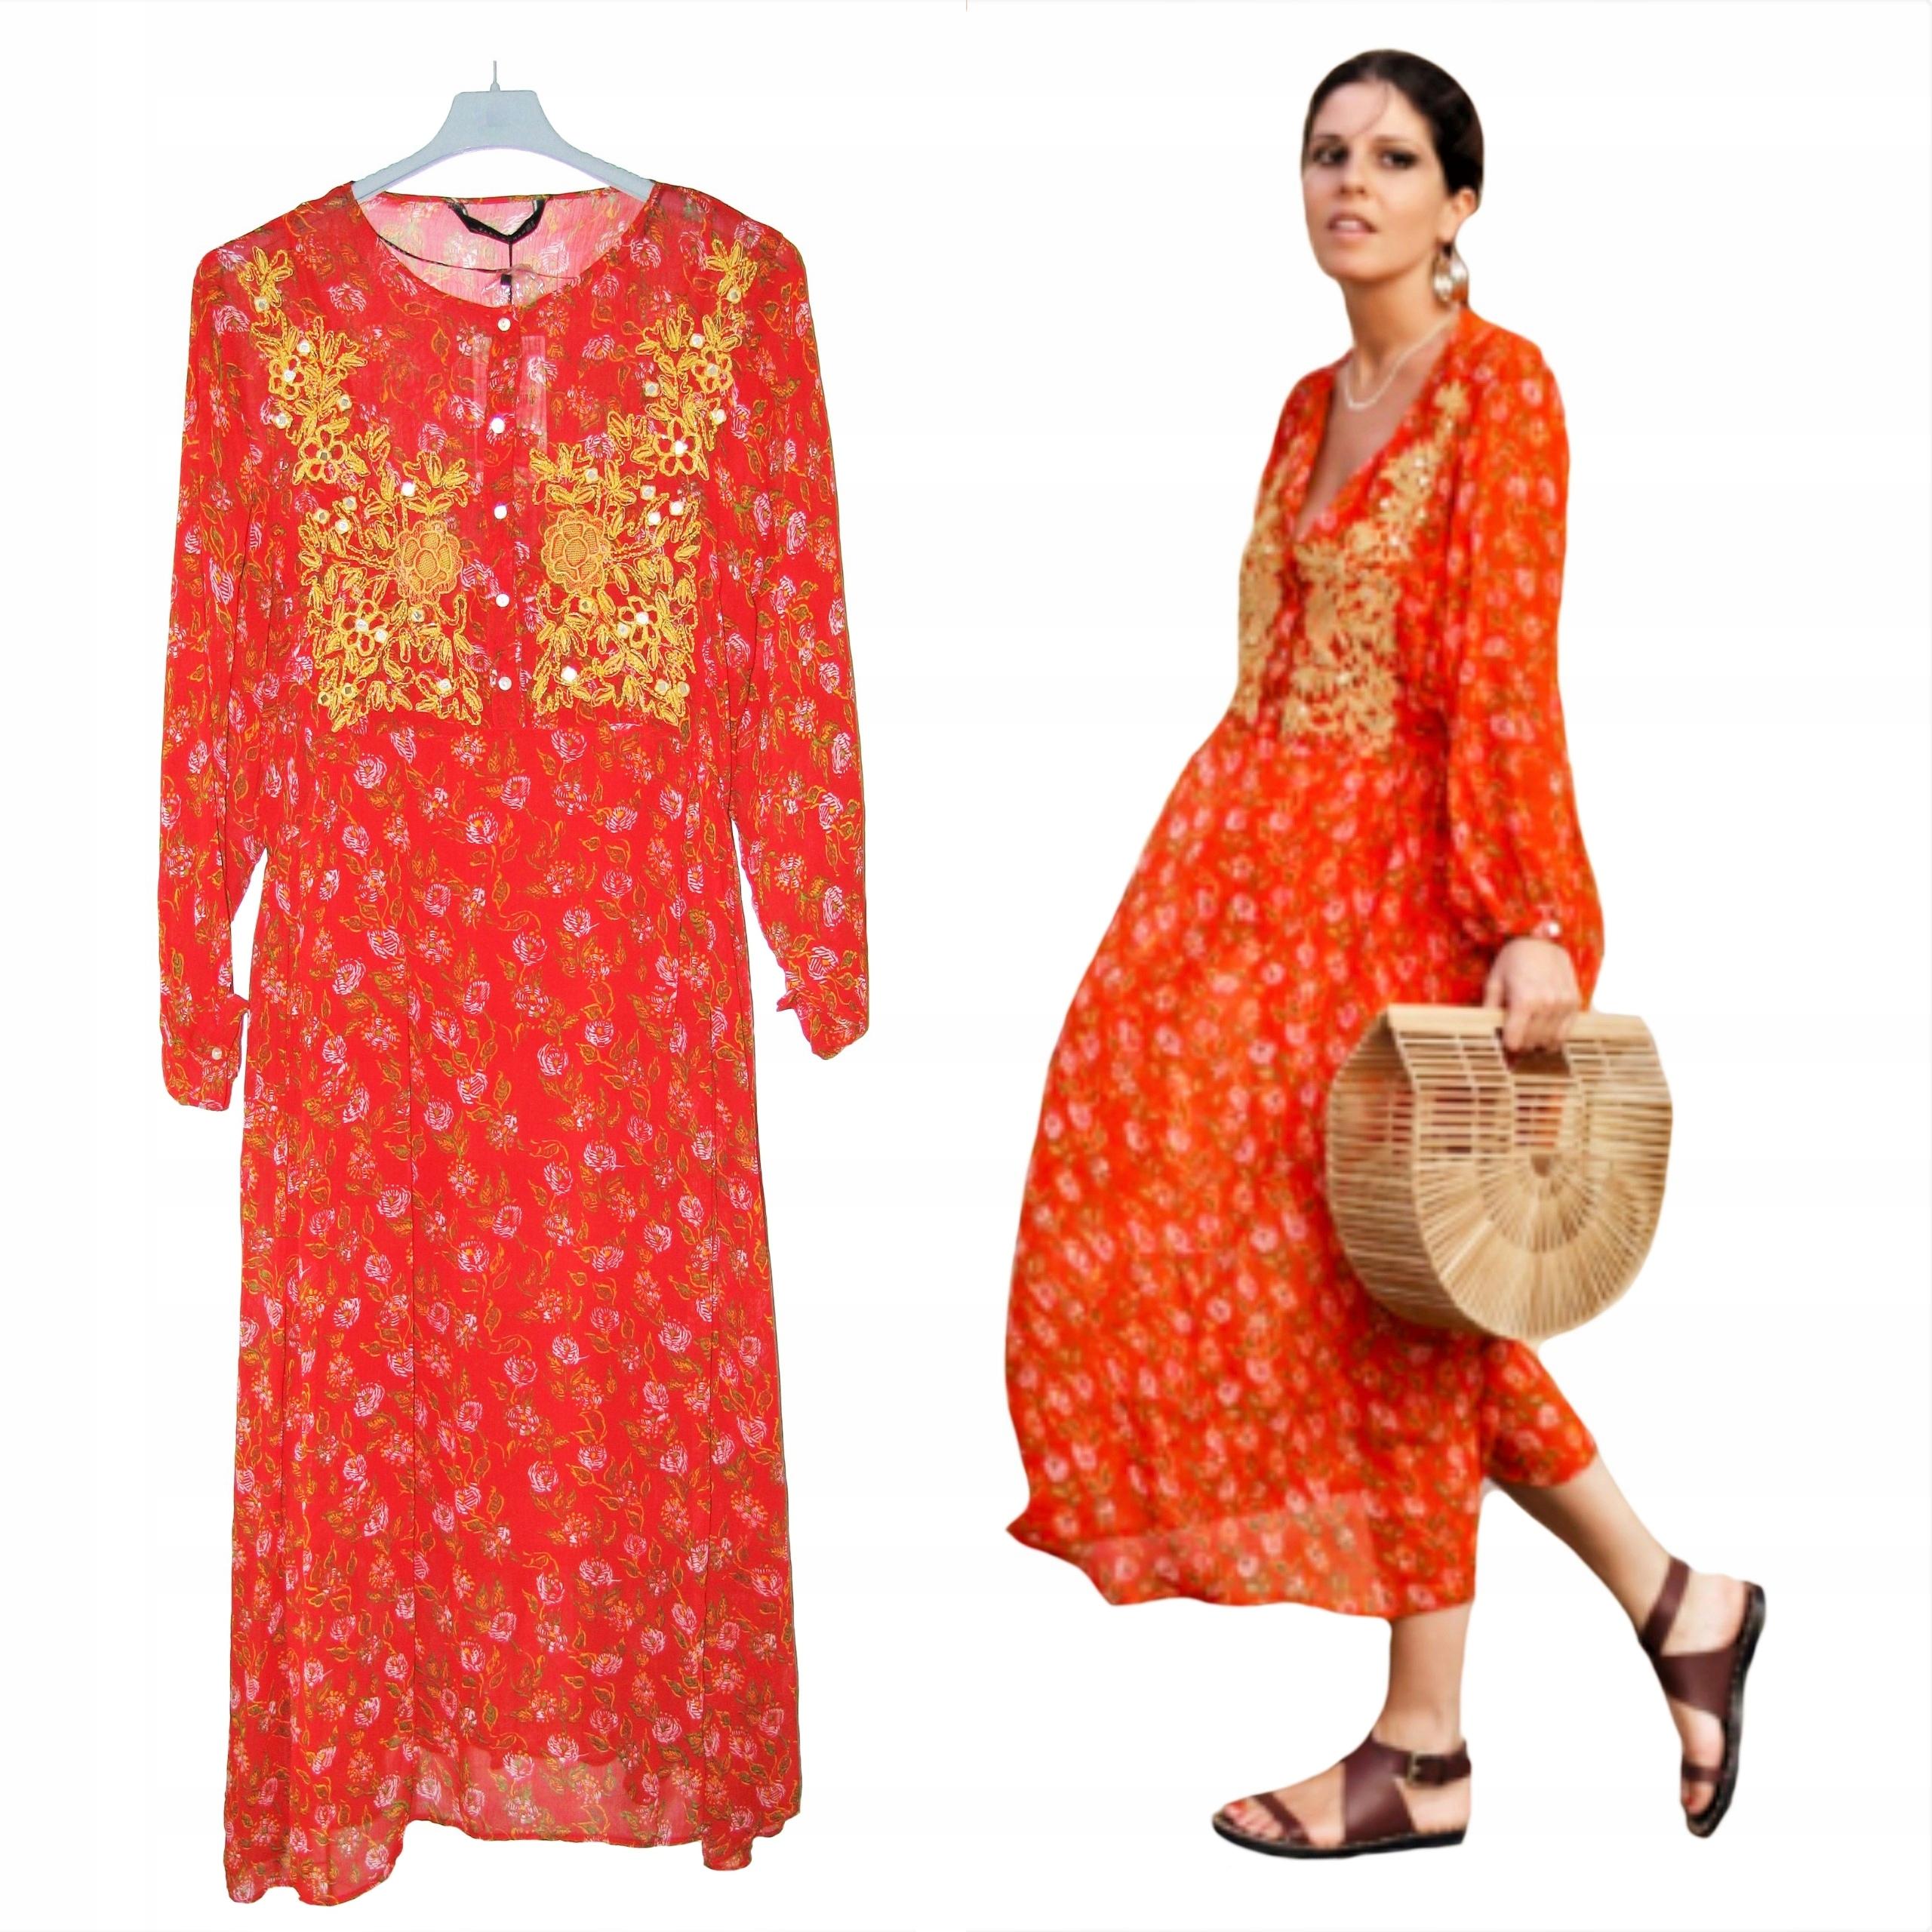 573c4cb9fe ZARA Piękna Długa Czerwona HAFTOWANA Sukienka L - 7510127301 ...